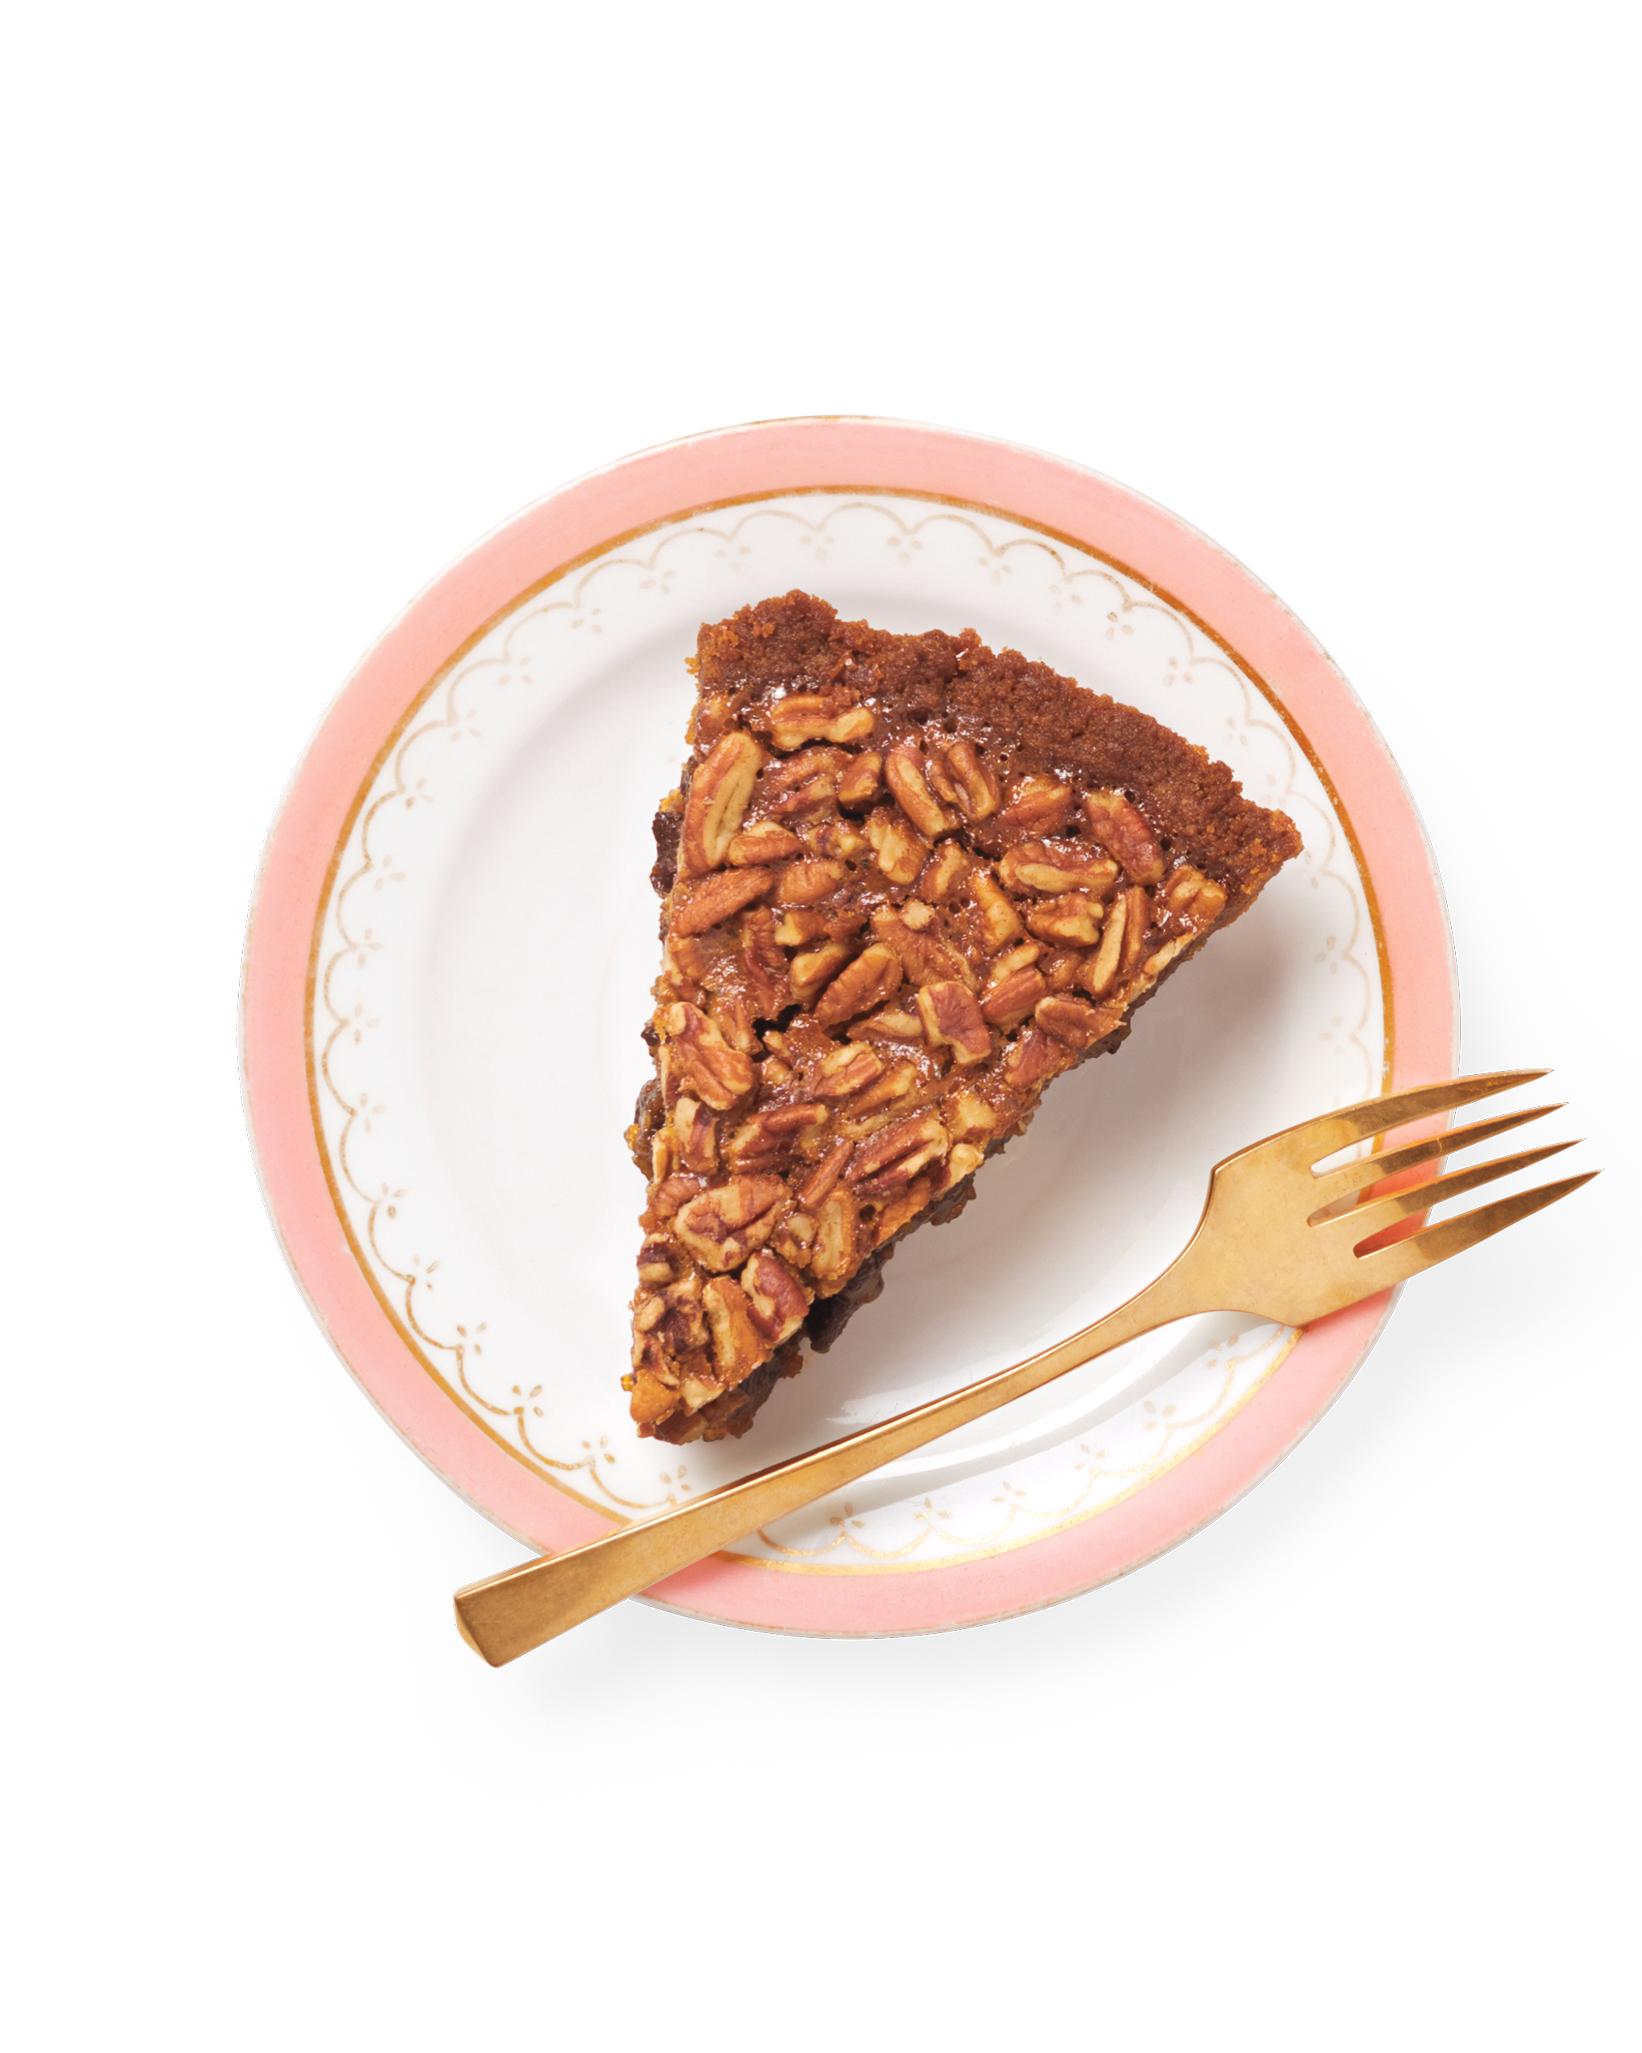 pecan-pie-097-d111253.jpg